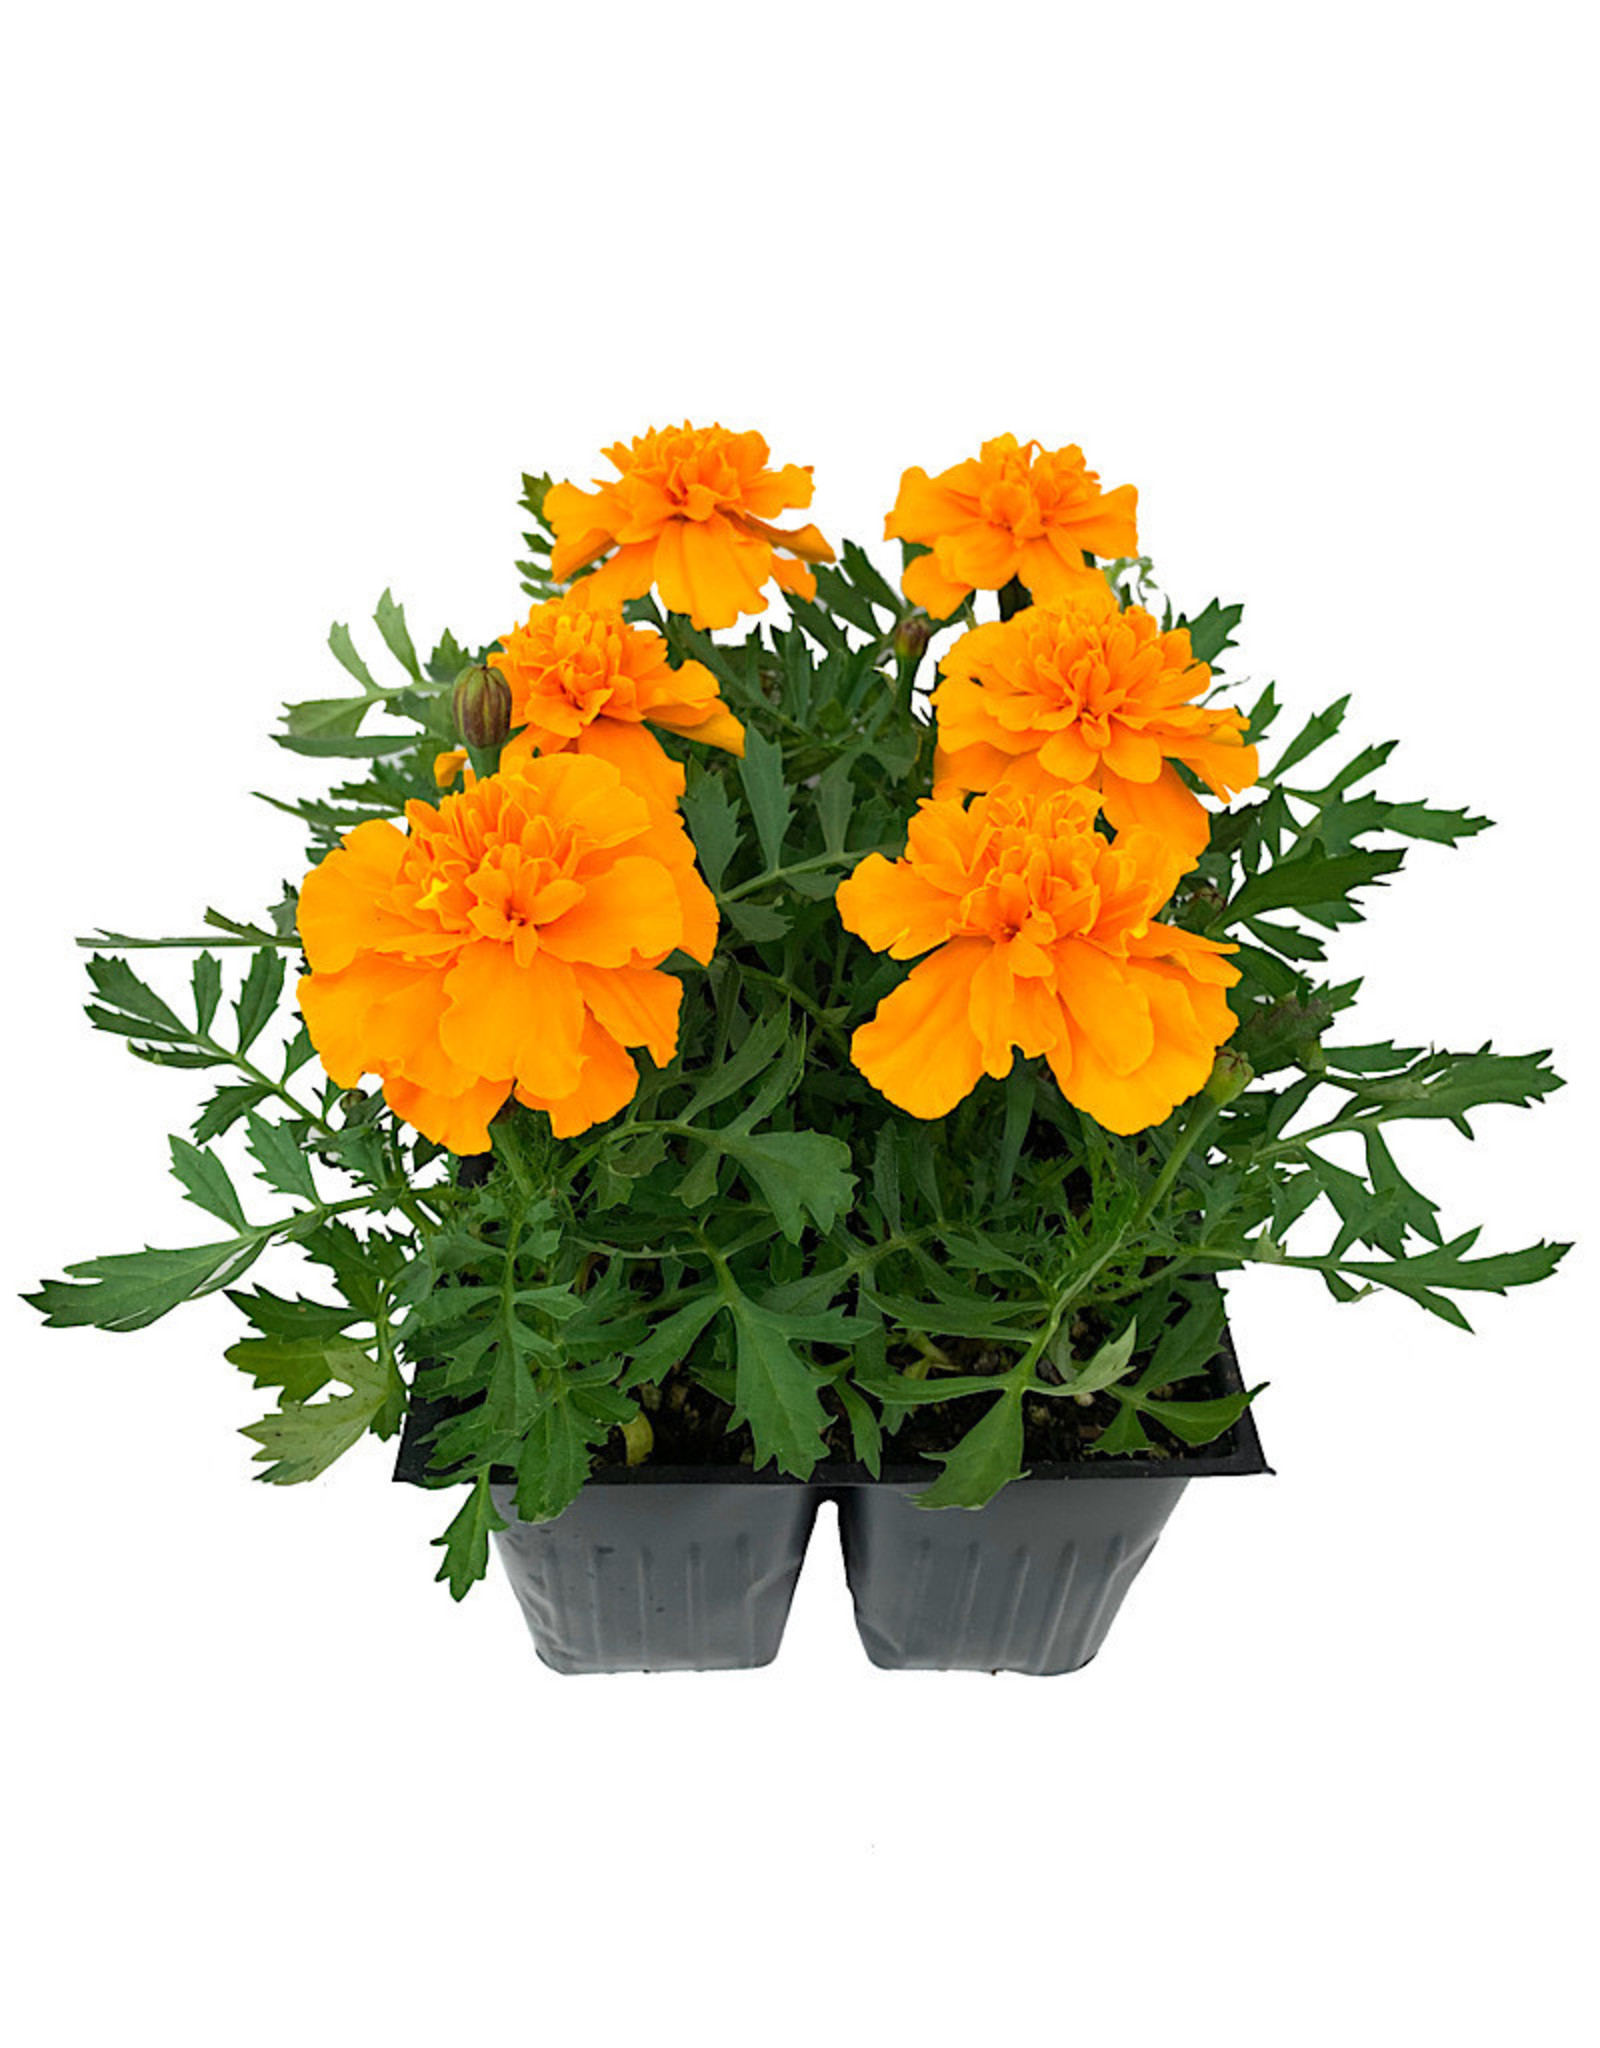 Marigold 'Bonanza Orange' Jumbo Traypack